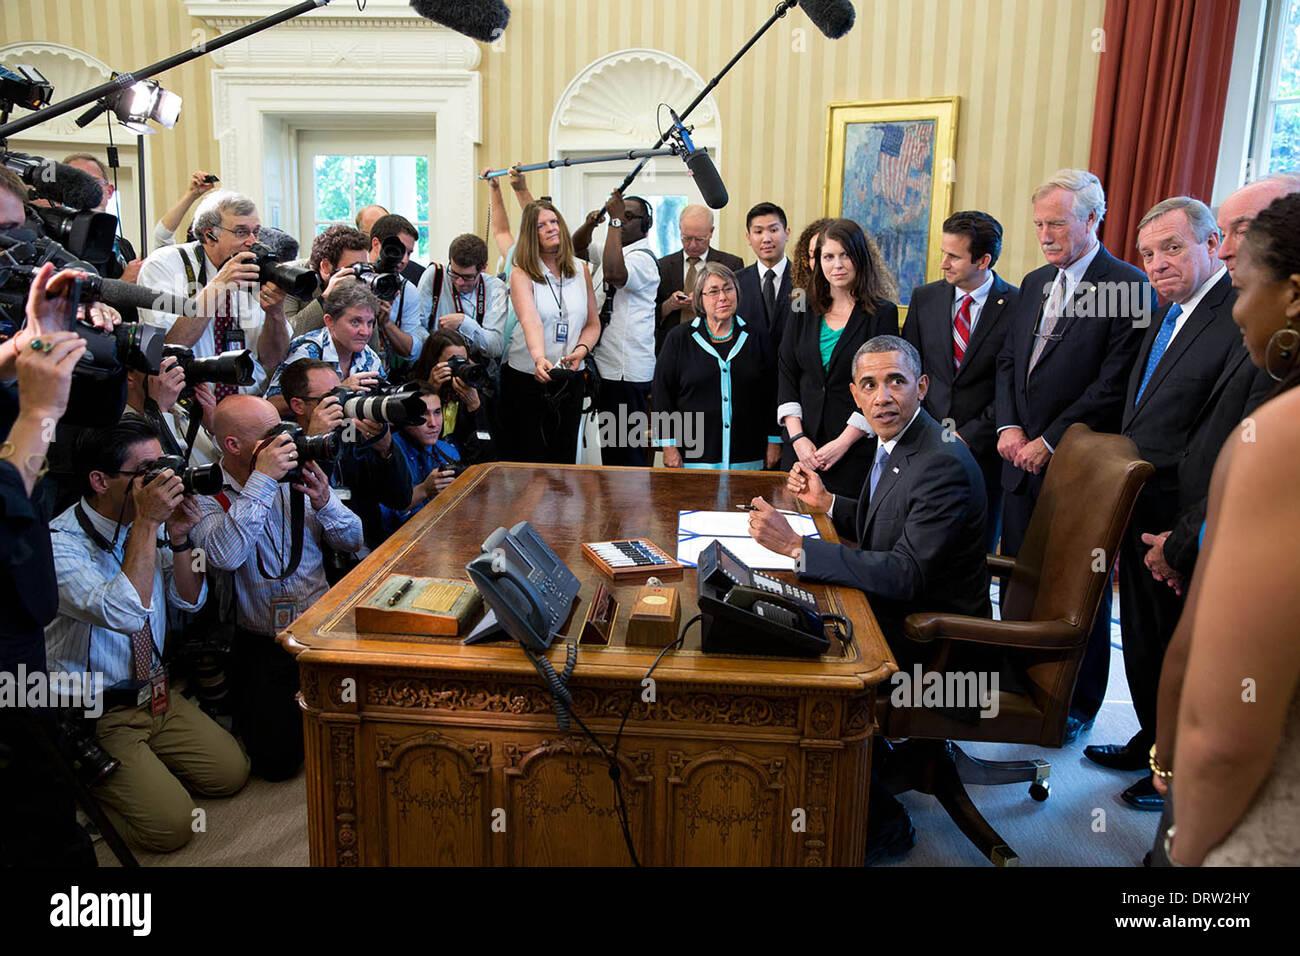 El presidente estadounidense, Barack Obama, mira hacia atrás, hacia un grupo de estudiantes antes de firmar H.R. 1911, la certidumbre de la Ley Bipartidista de Préstamos Estudiantiles de 2013 en la Oficina Oval de la Casa Blanca, el 9 de agosto de 2013 en Washington, DC. Imagen De Stock